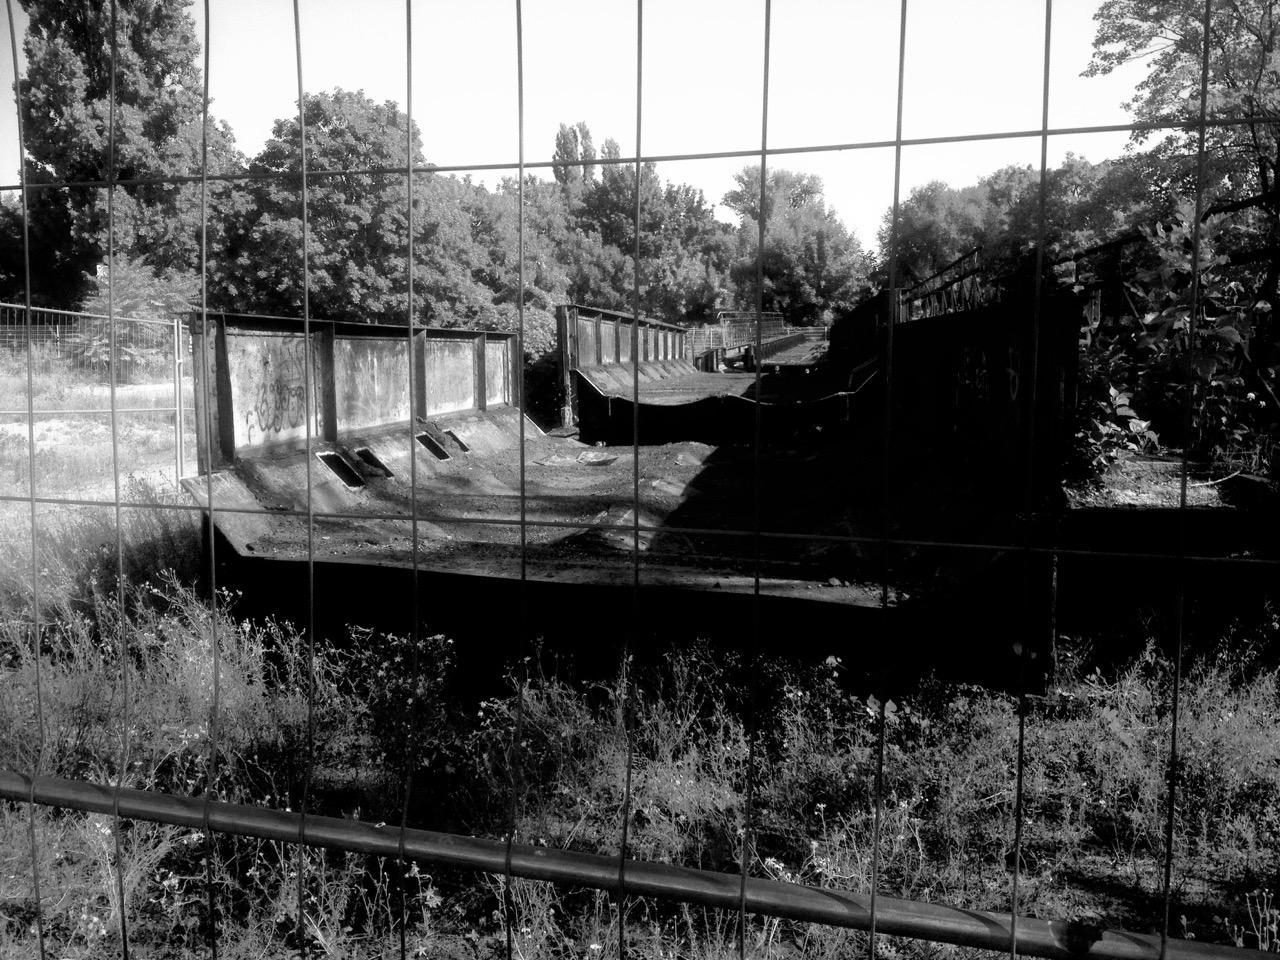 Warten auf Sanierung und Reaktivierung: rostende Yorckbrücke auf Brachfläche Nähe Hellweg-Baumarkt (Foto: André Franke)